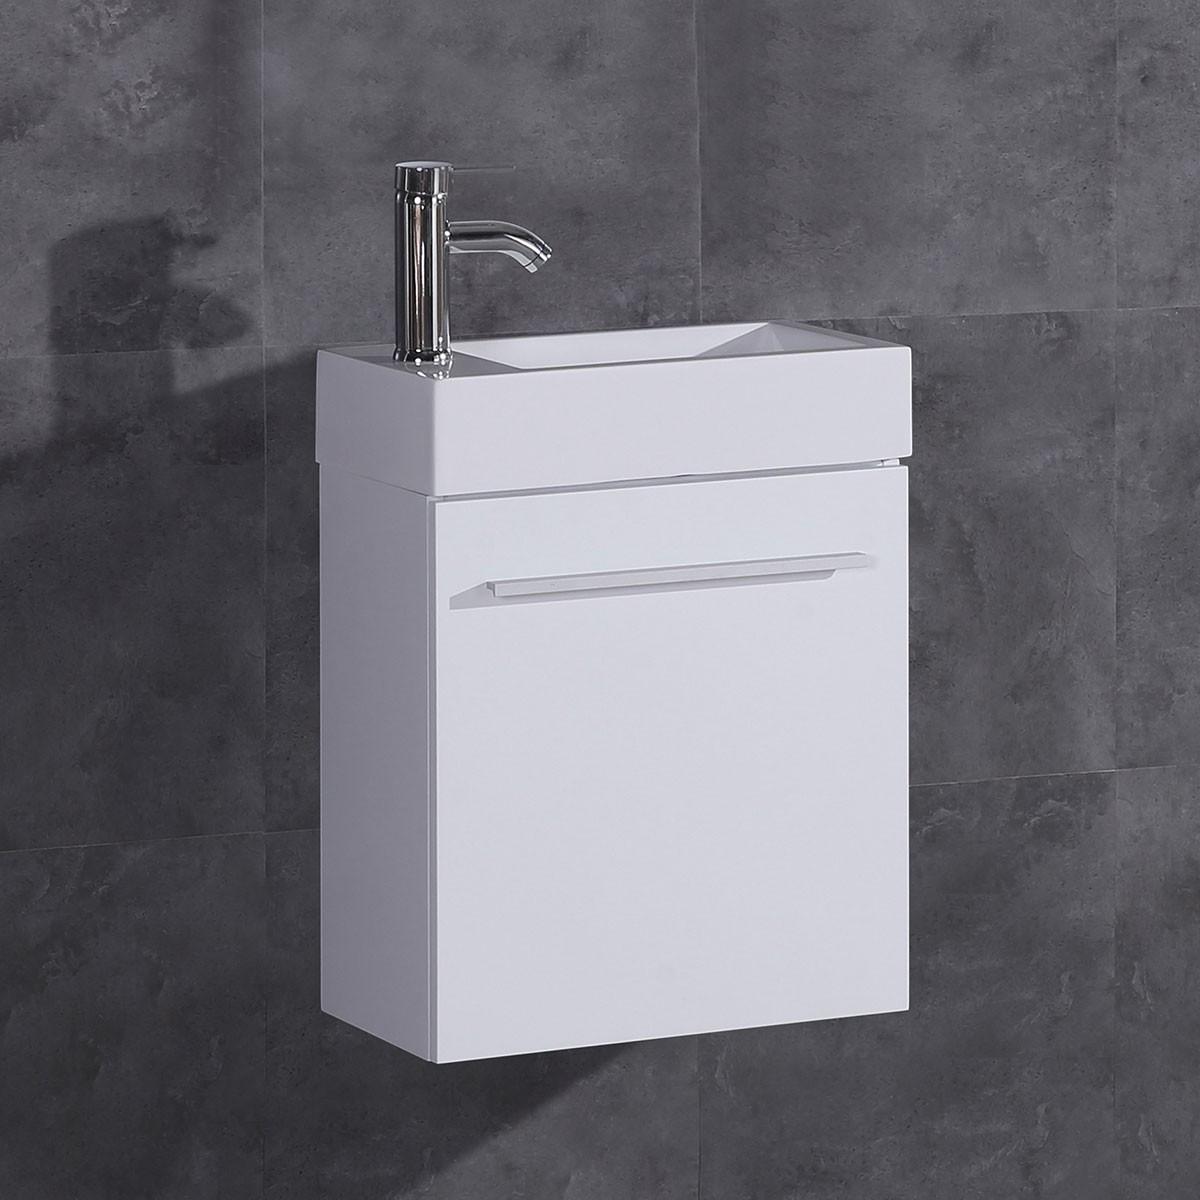 18 po Vanité en MDF avec lavabo (DK-TH21602-V)